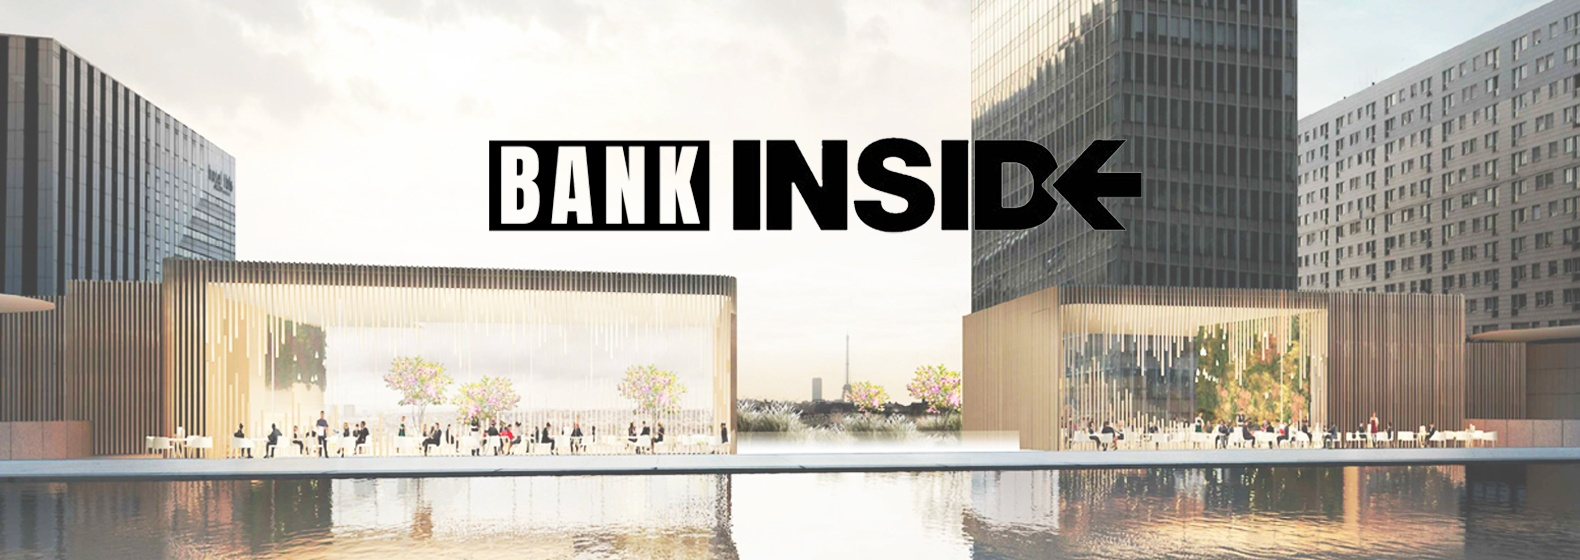 bankinside.jpg